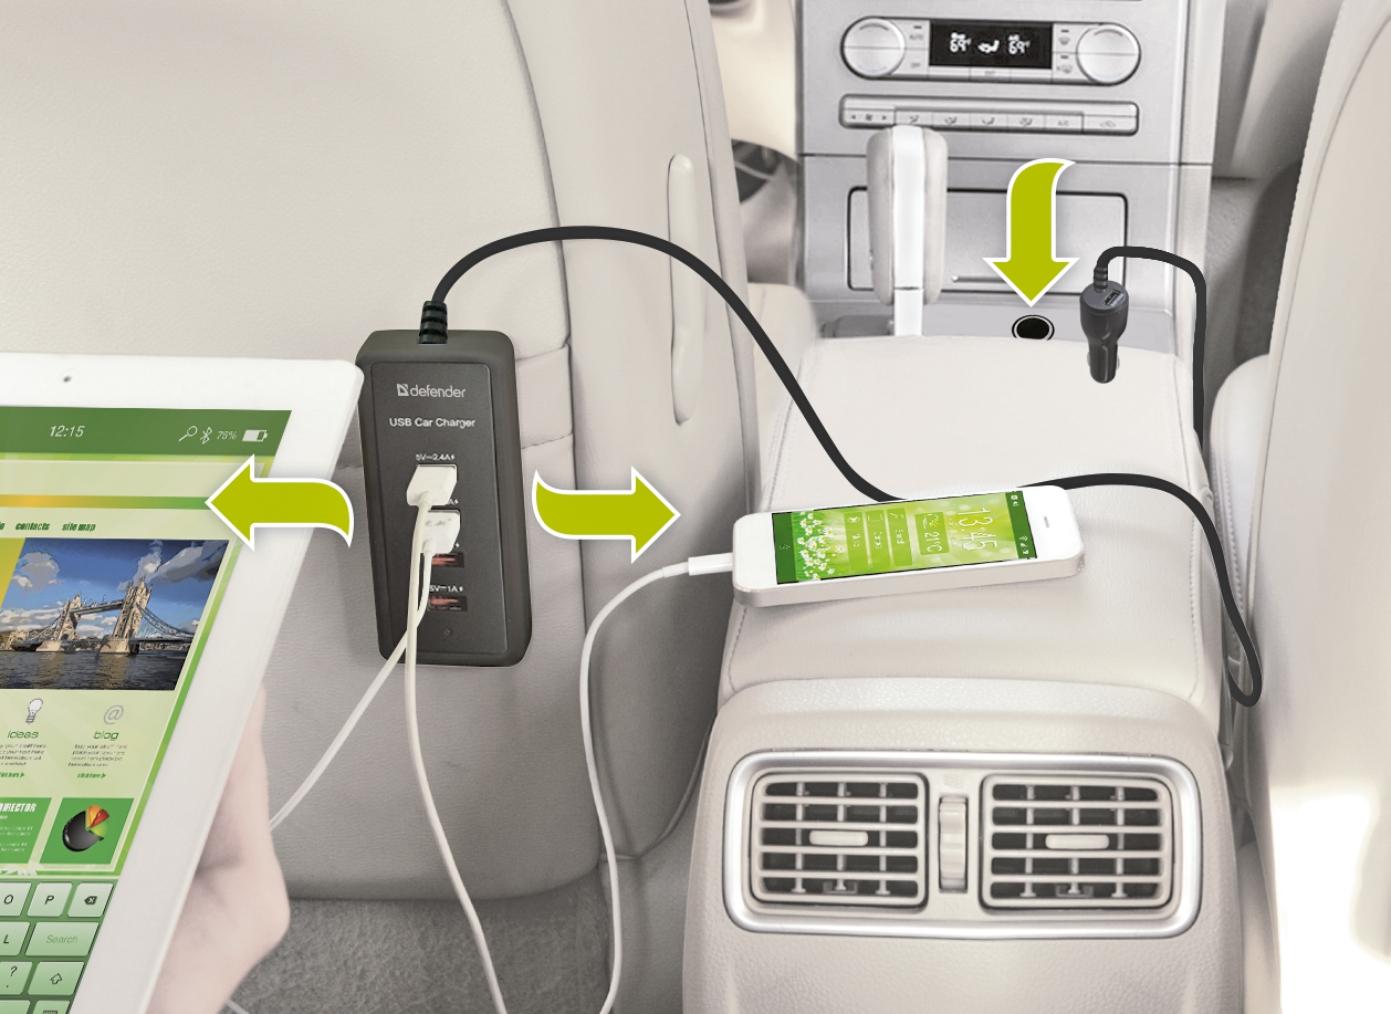 Spolehlivě dobije všechna Vaše zařízení z cigaretového zapalovače osobního automobilu s napájecím napětím 12 V a v případě nákladního automobilu s napájecím napětím 24 V.